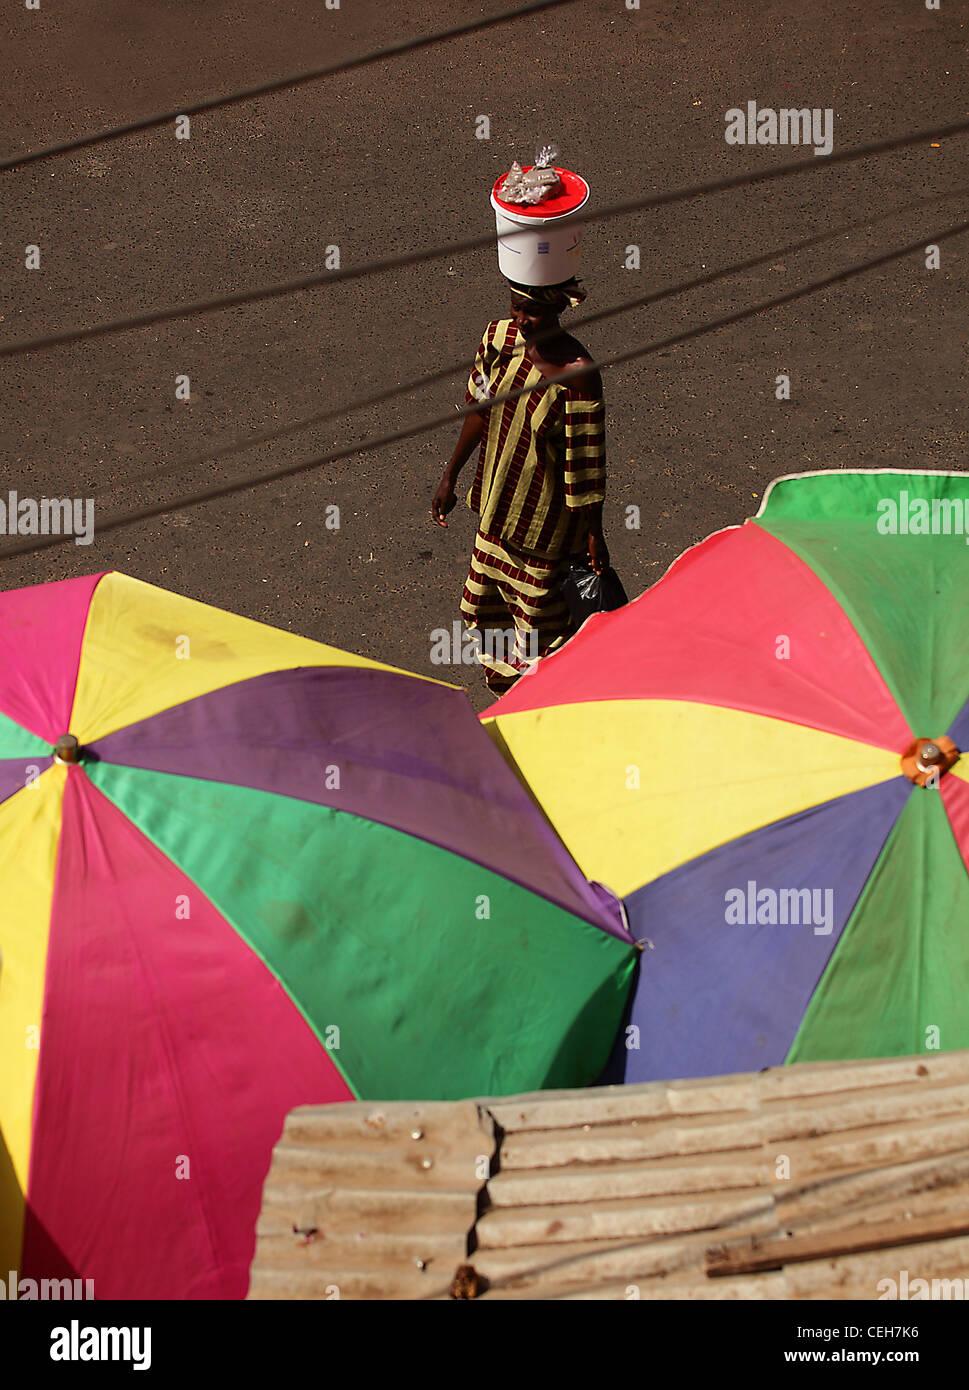 Hombre/Mujer de Gambia en un mercado callejero en Gambia,la foto es en color. Imagen De Stock